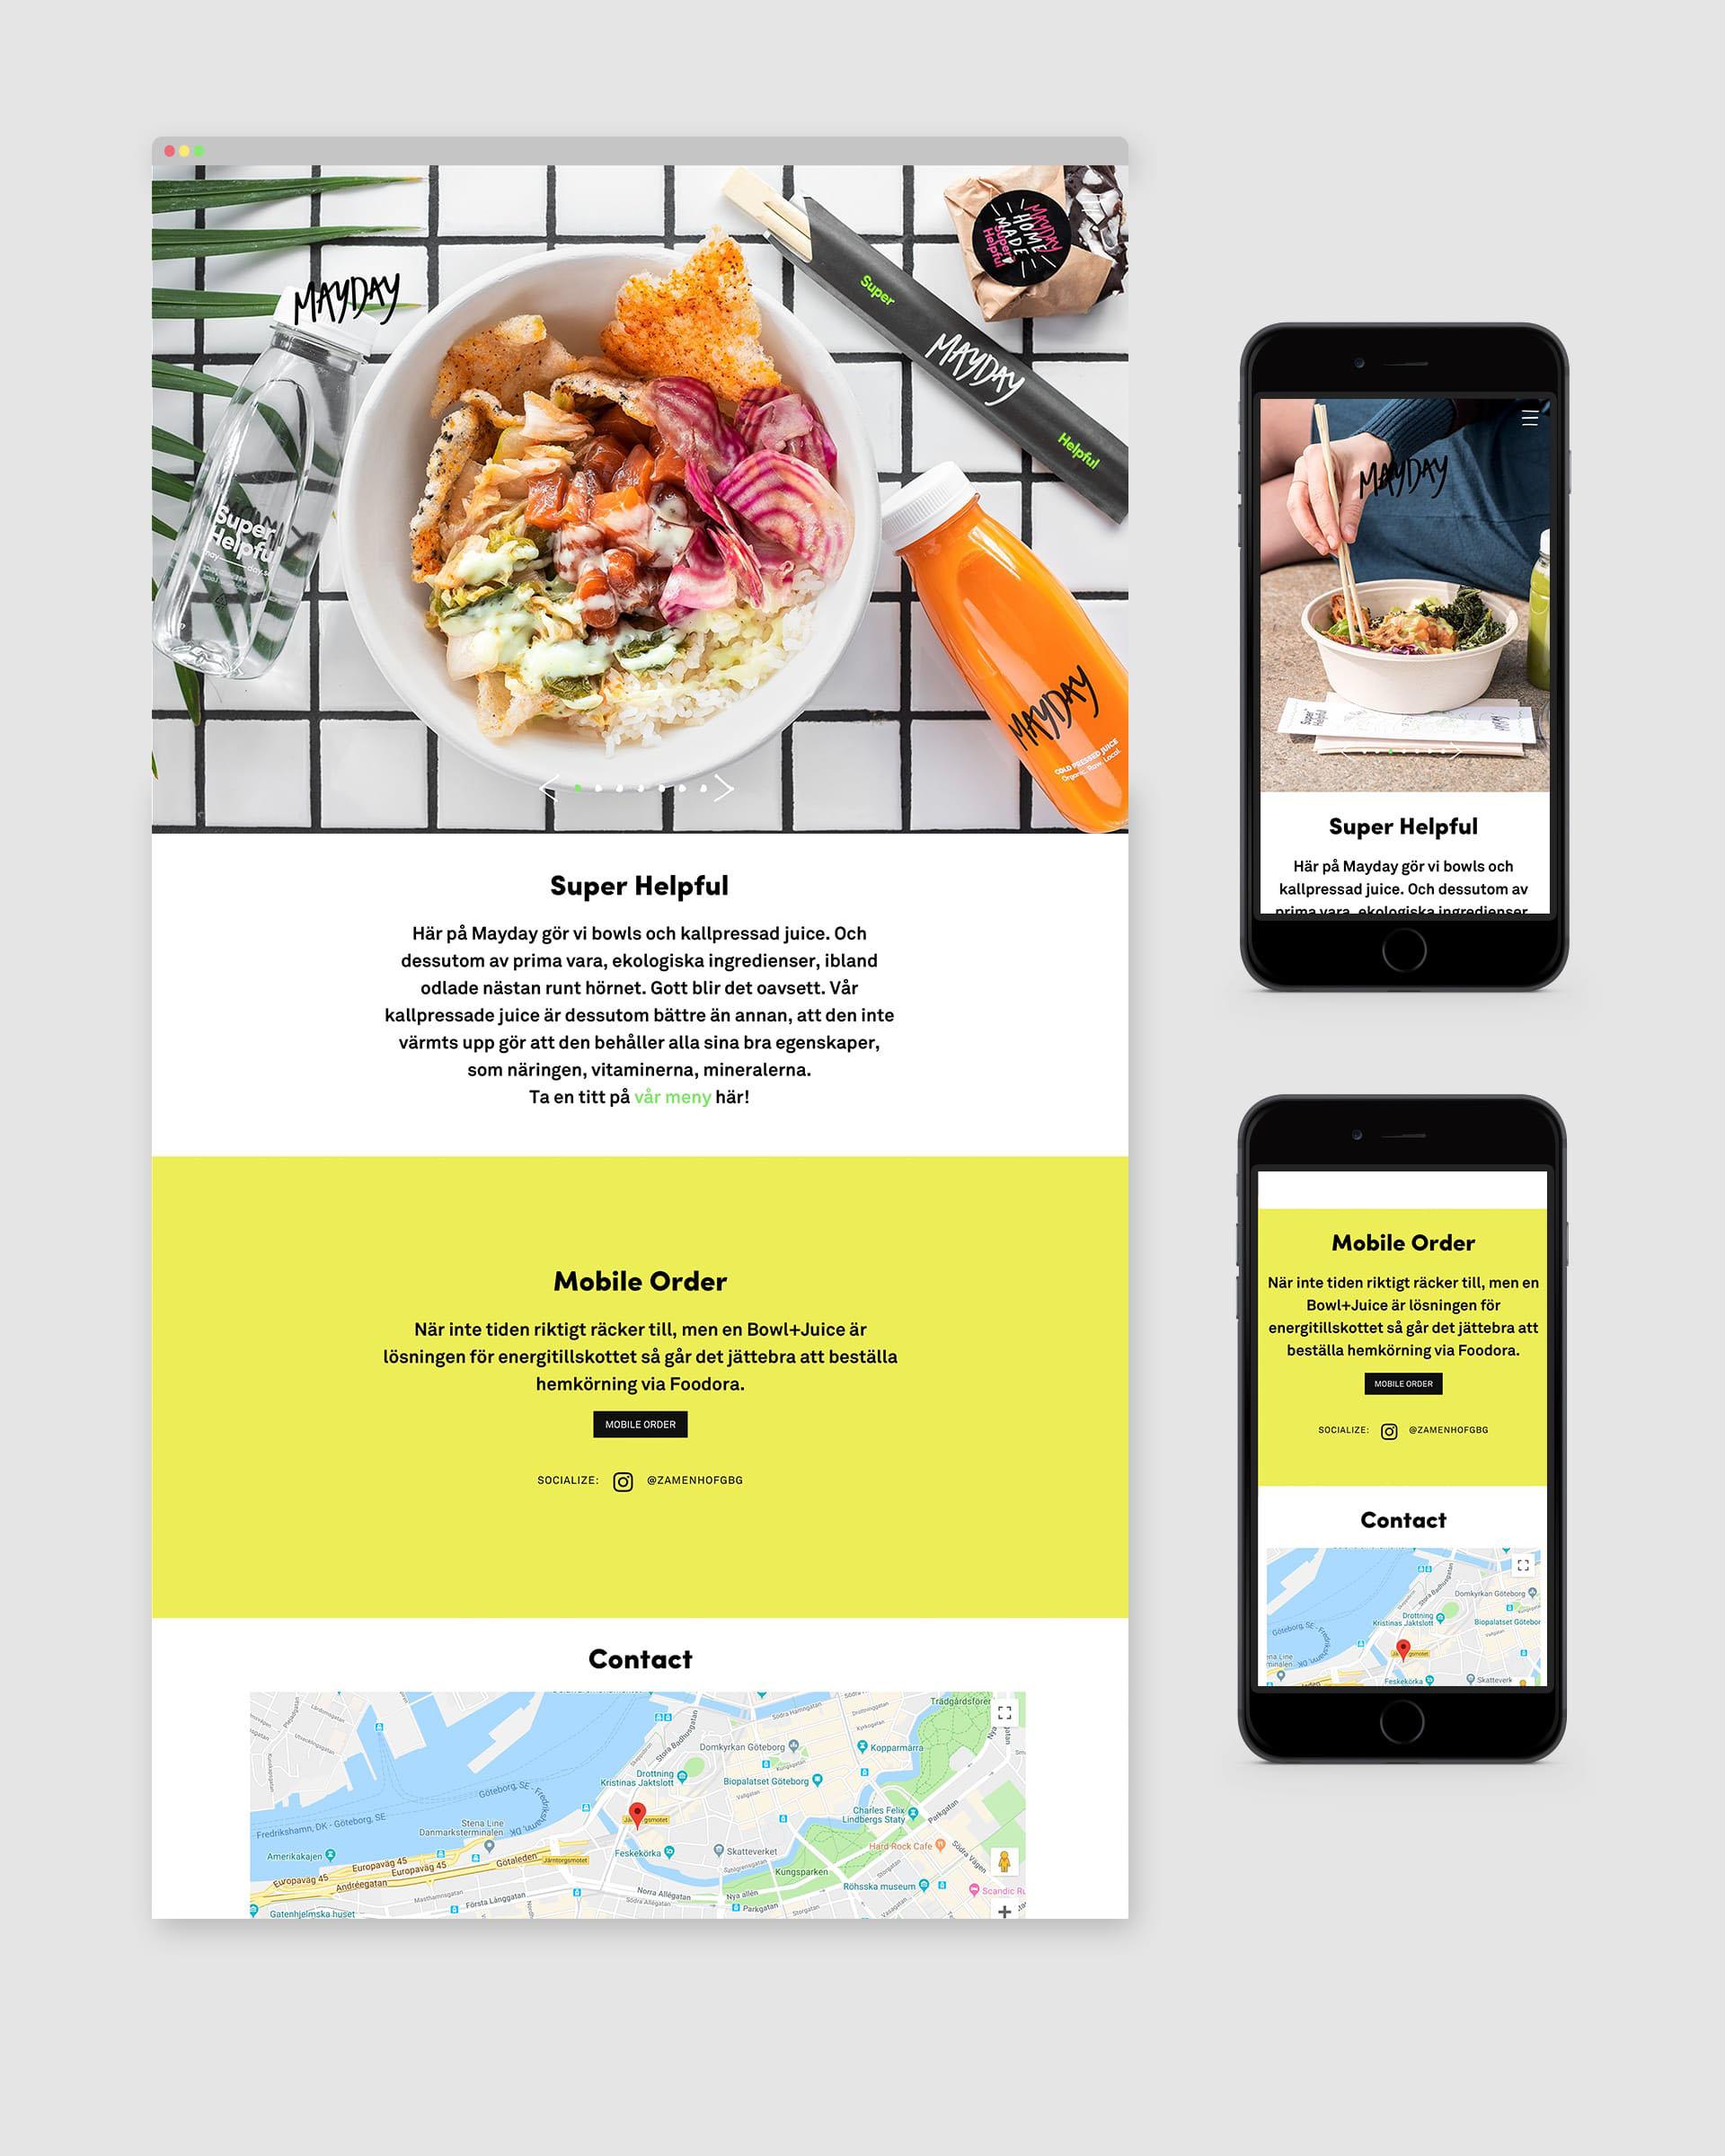 Mayday_Web_Design_mnecander-01-100